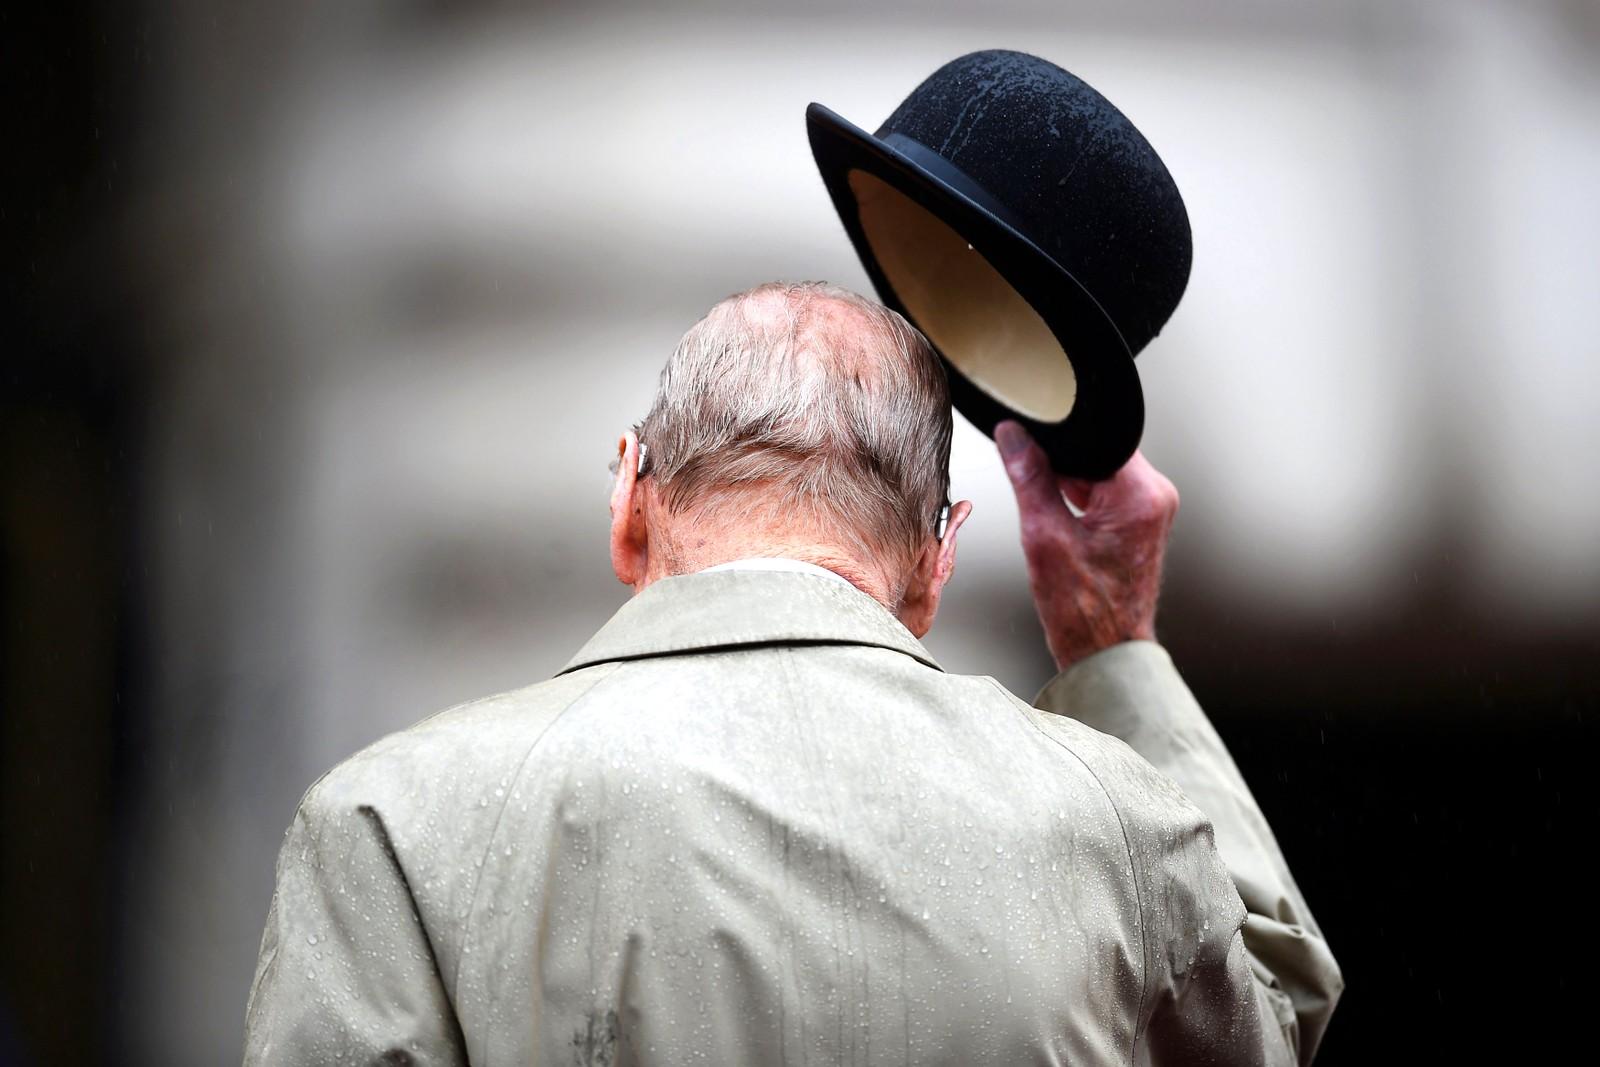 Pensjonist. Prins Philip utførte denne uka sitt siste offisielle solooppdrag. 96-åringen trekker seg nå tilbake, men har sagt at det kan hende at han dukker opp sammen med dronningen ved senere anledninger. Her gjør han ære på marinesoldater og veteraner under en seremoni ved Buckingham Palace. Han skal ha utført 22.219 oppdrag alene siden 1952.